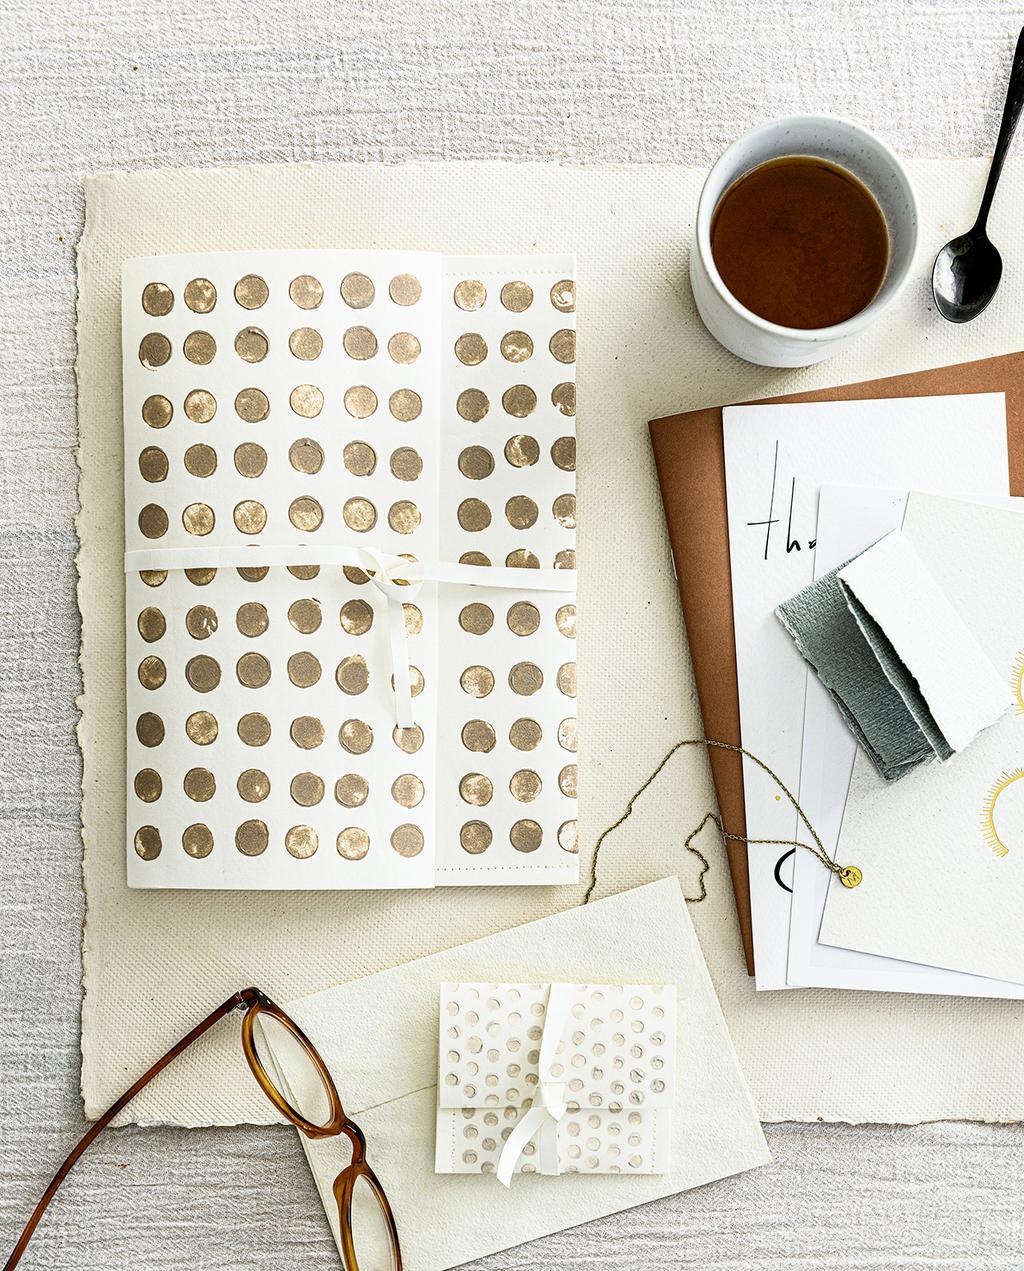 vtwonen 2020 DIY special 02 | papier stempel koffie moment